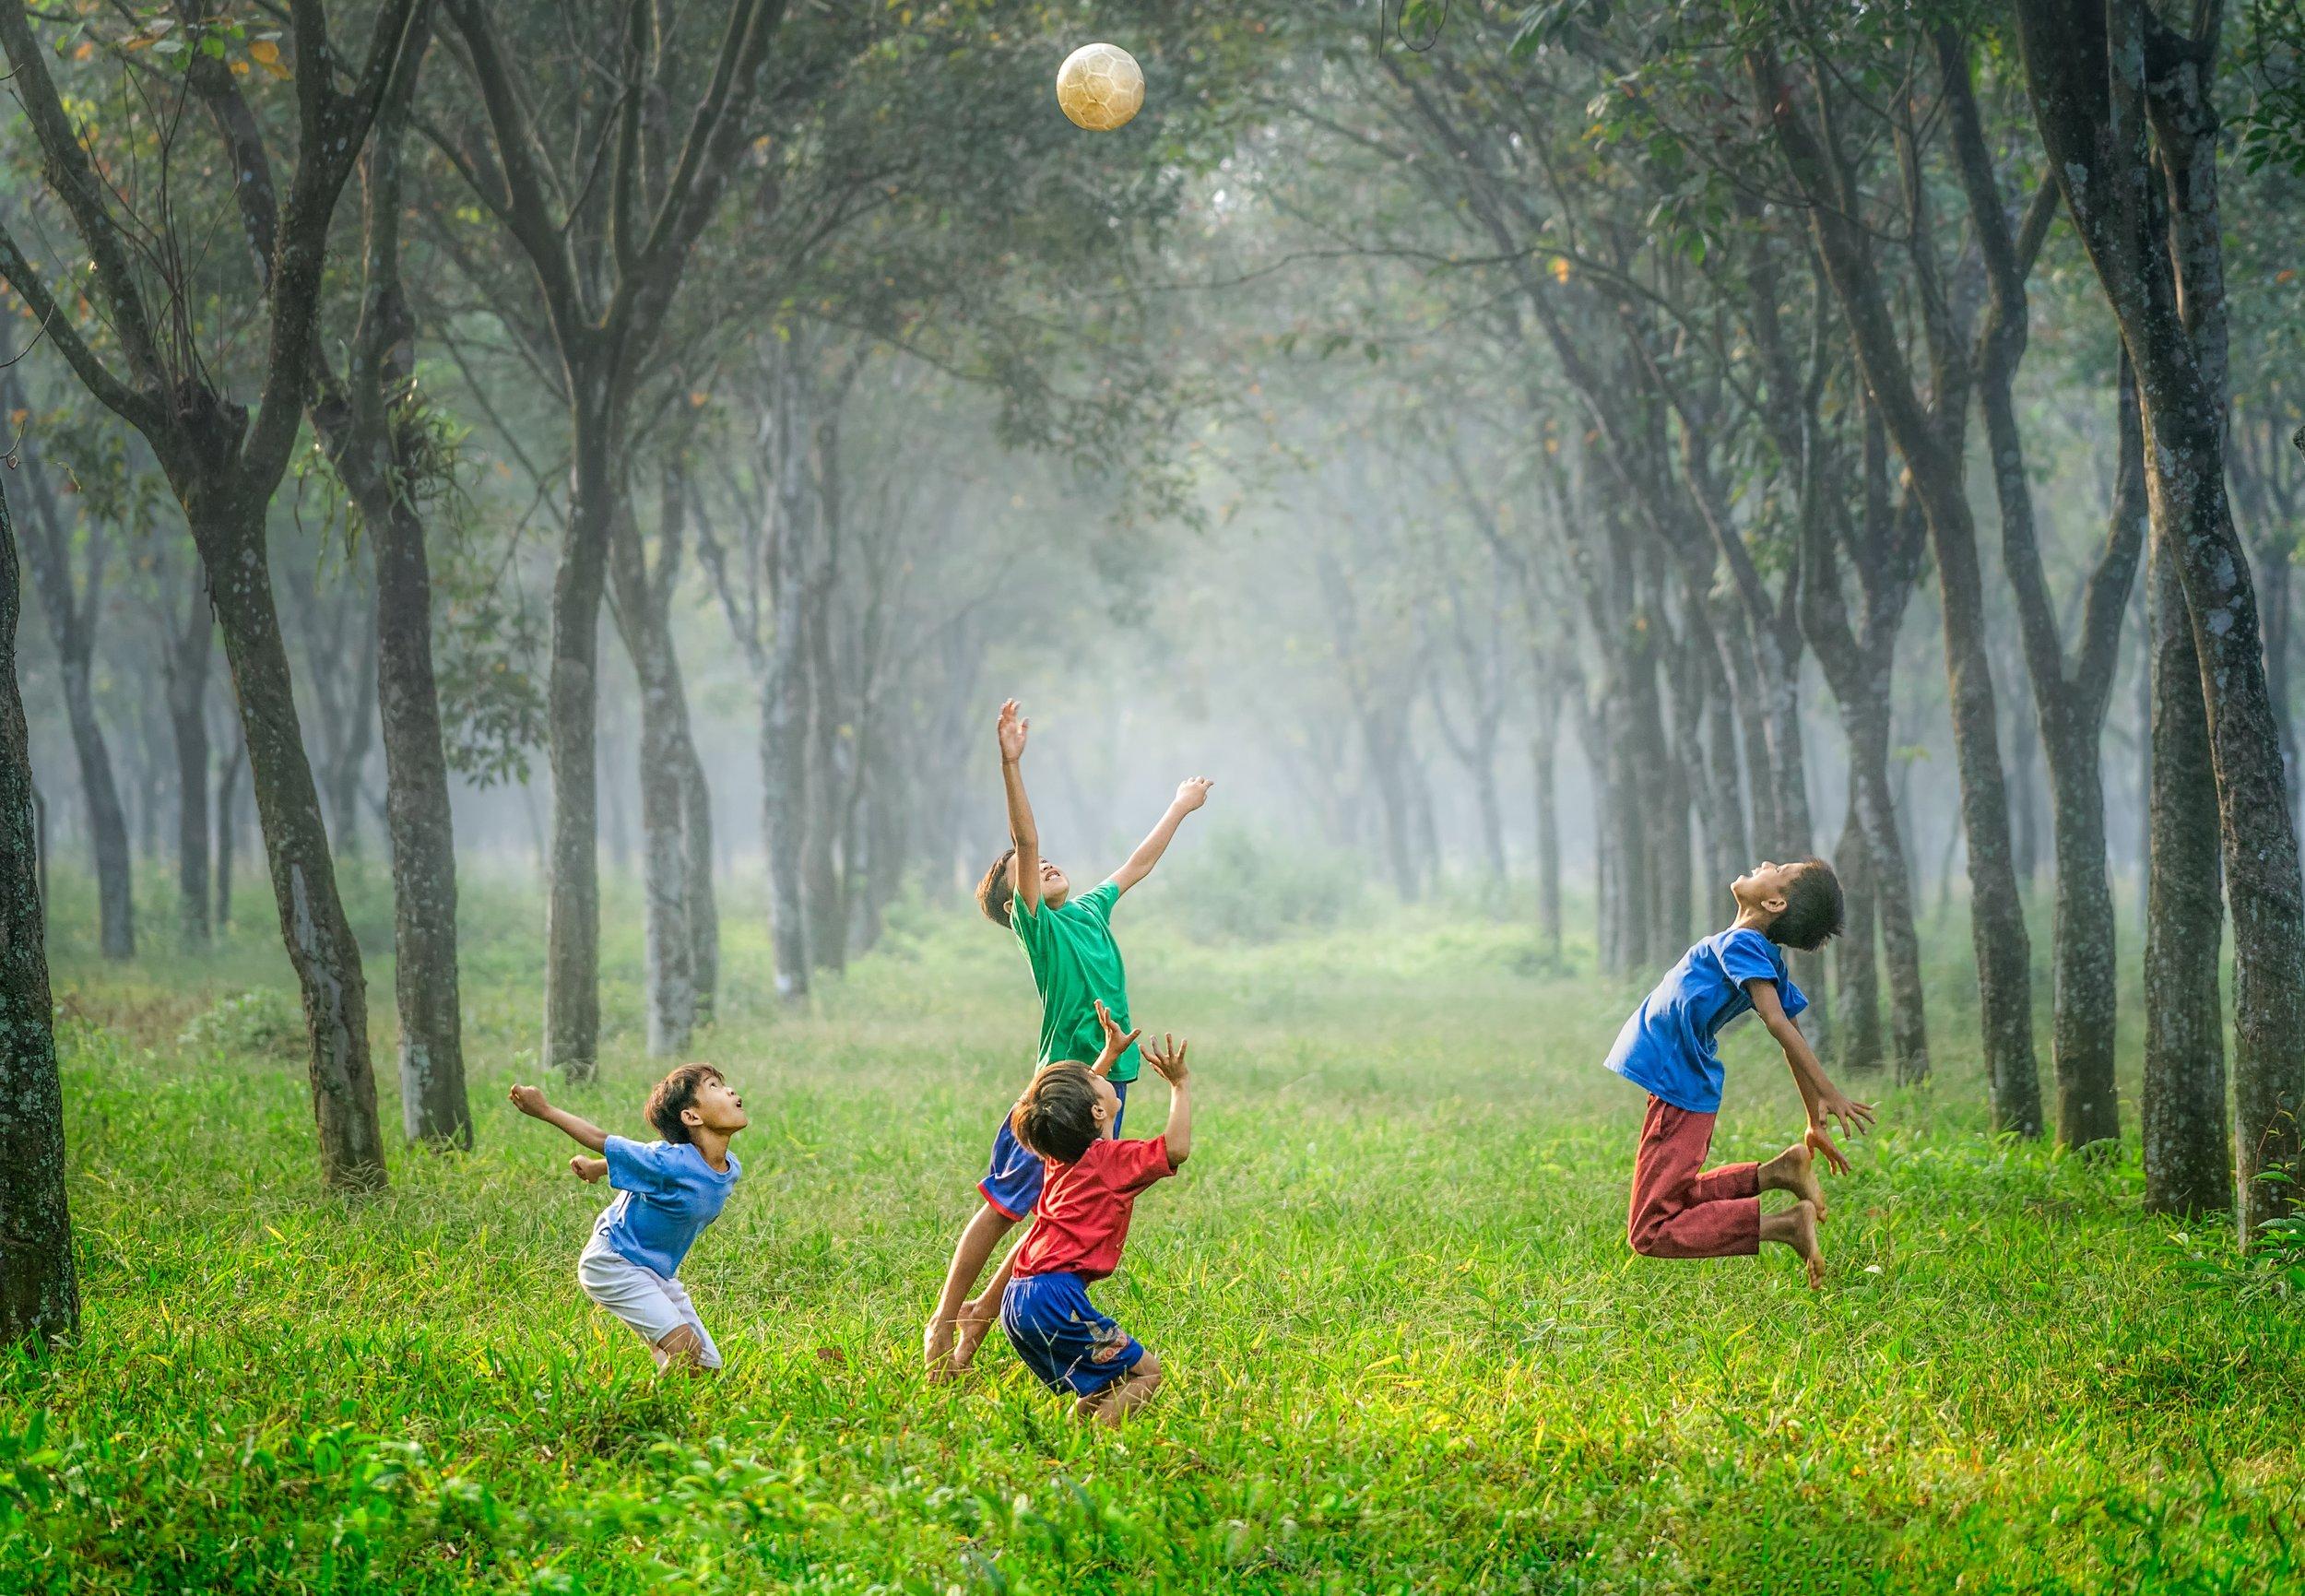 joyful children -unsplash.jpg